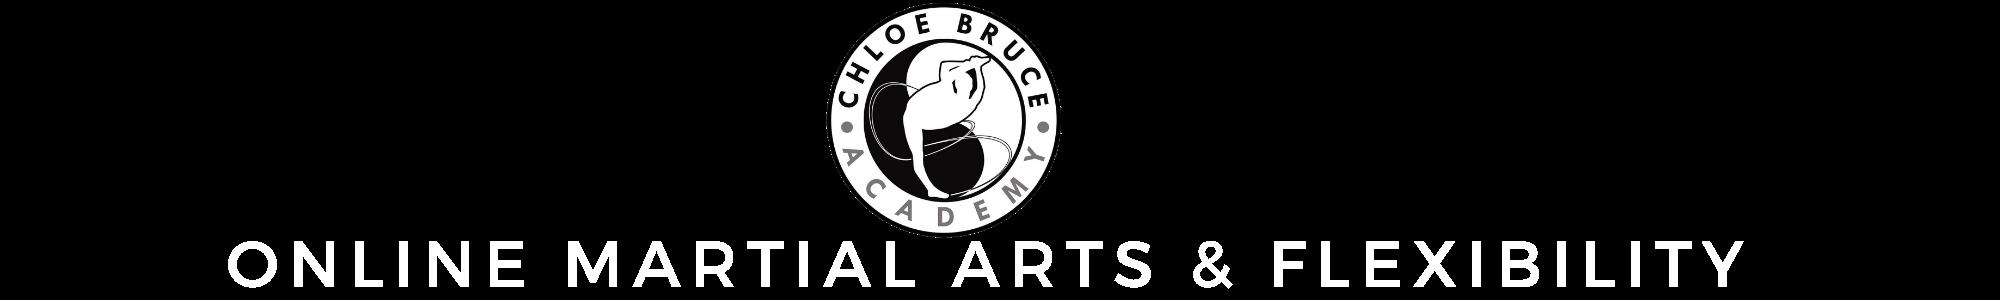 Chloe Bruce Academy